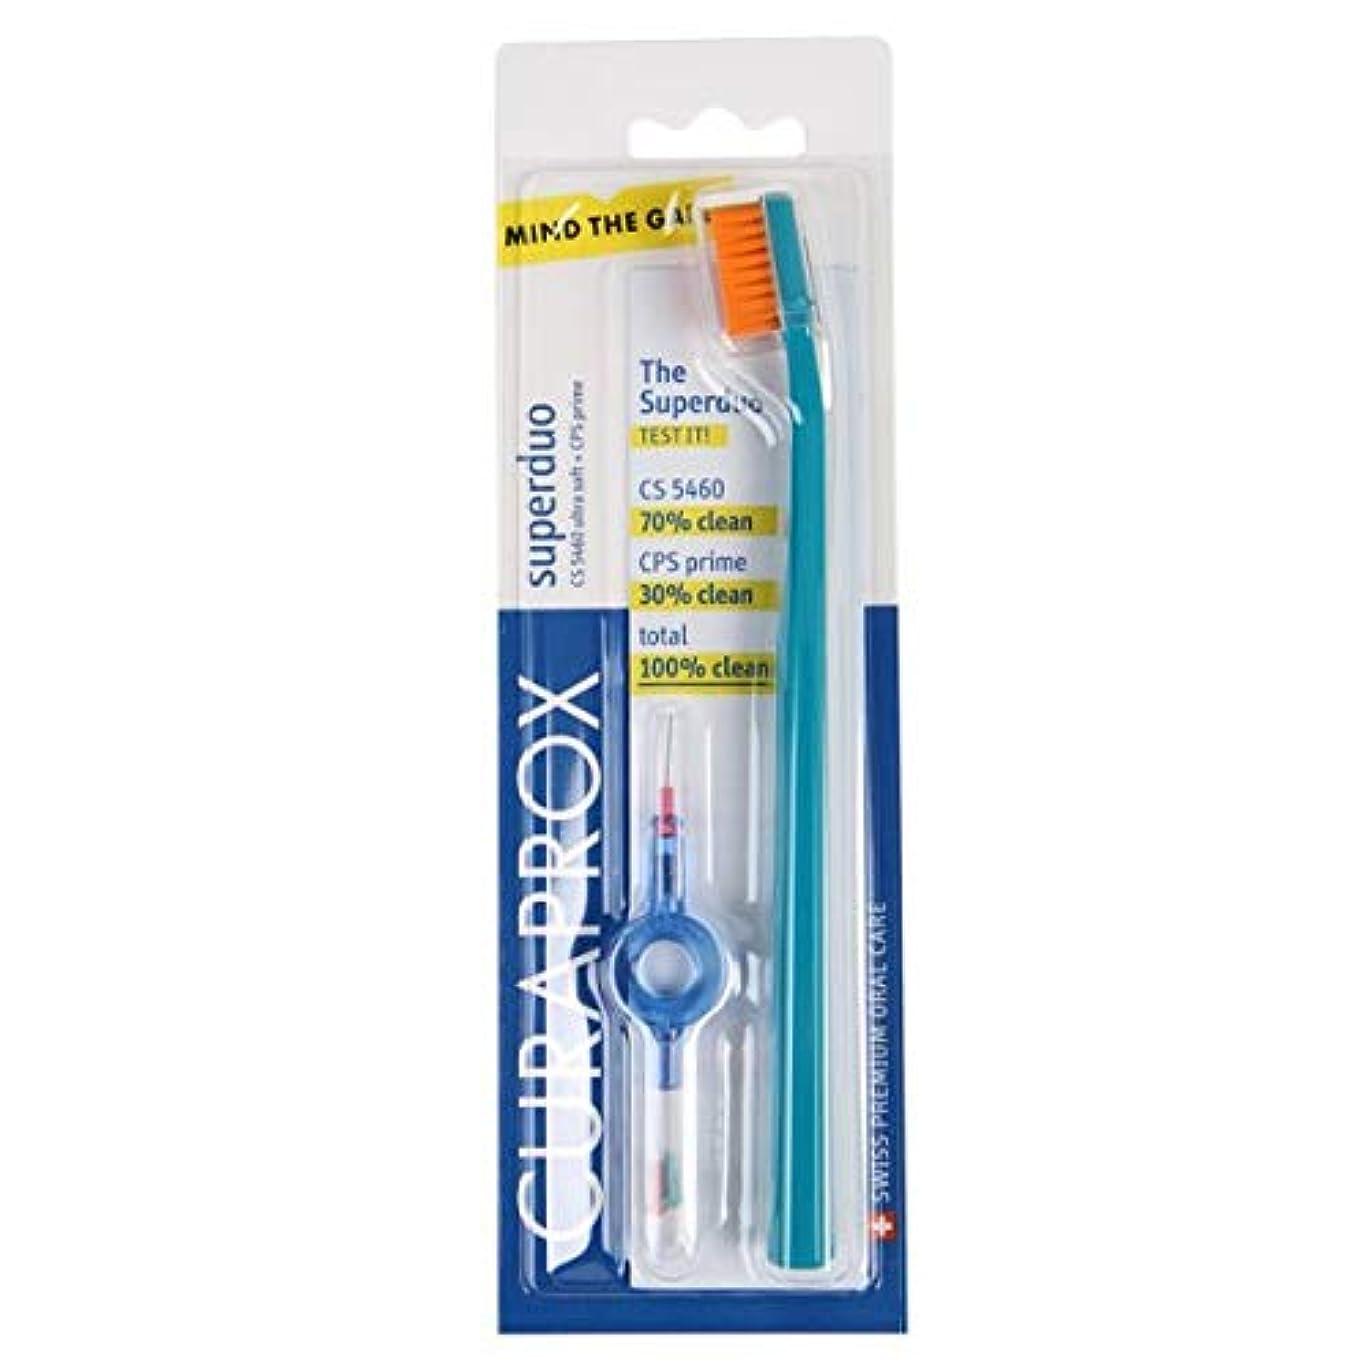 びっくりした補正変動するクラプロックス 歯ブラシ+歯間ブラシ セット CS 5460 + CPS 06/07/08, UHS 409 holder + cap